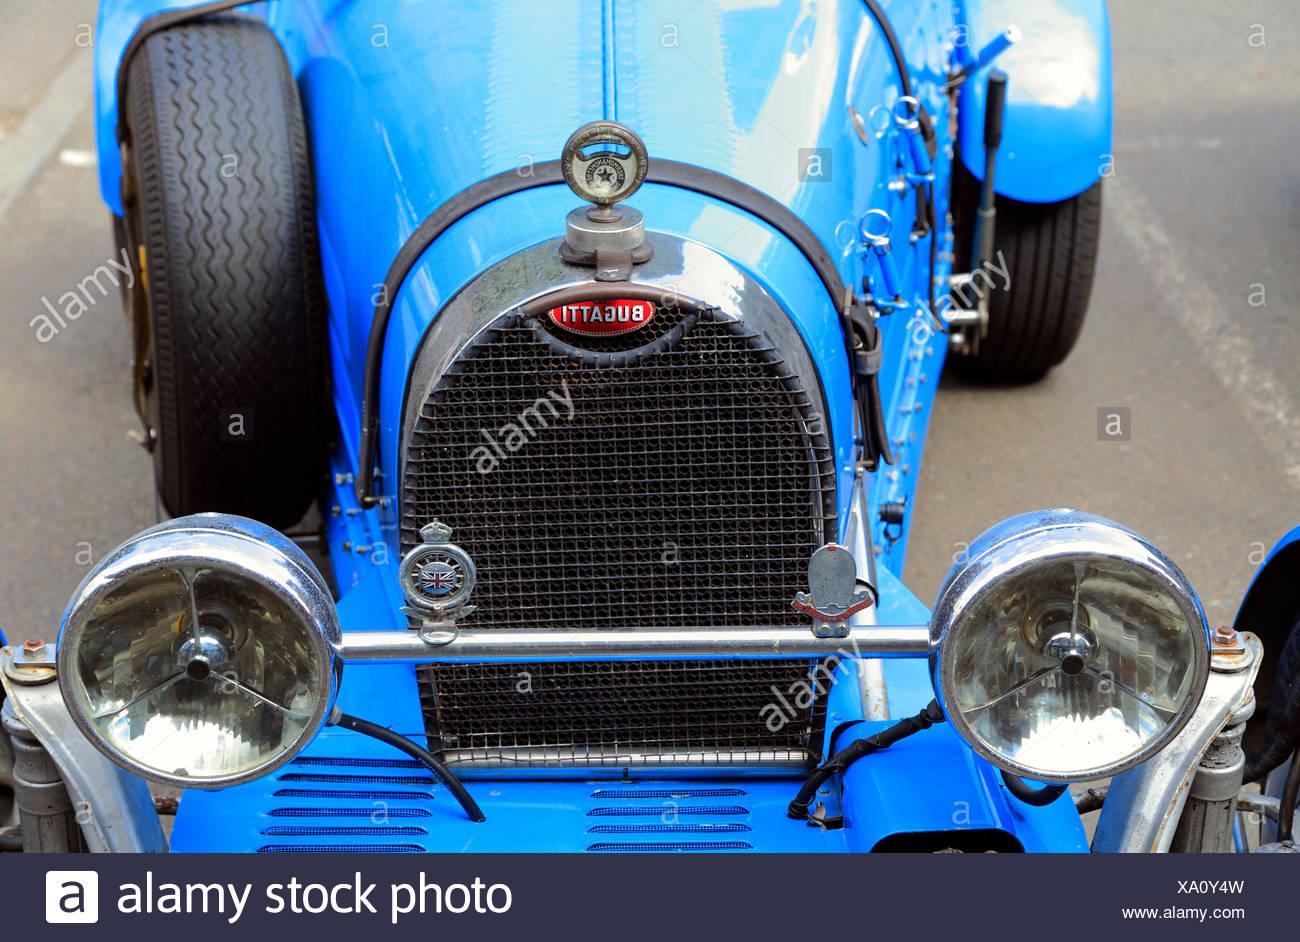 Bugatti, Racing Car, vintage racing car, vehicle, motor, detail, radiator grill - Stock Image